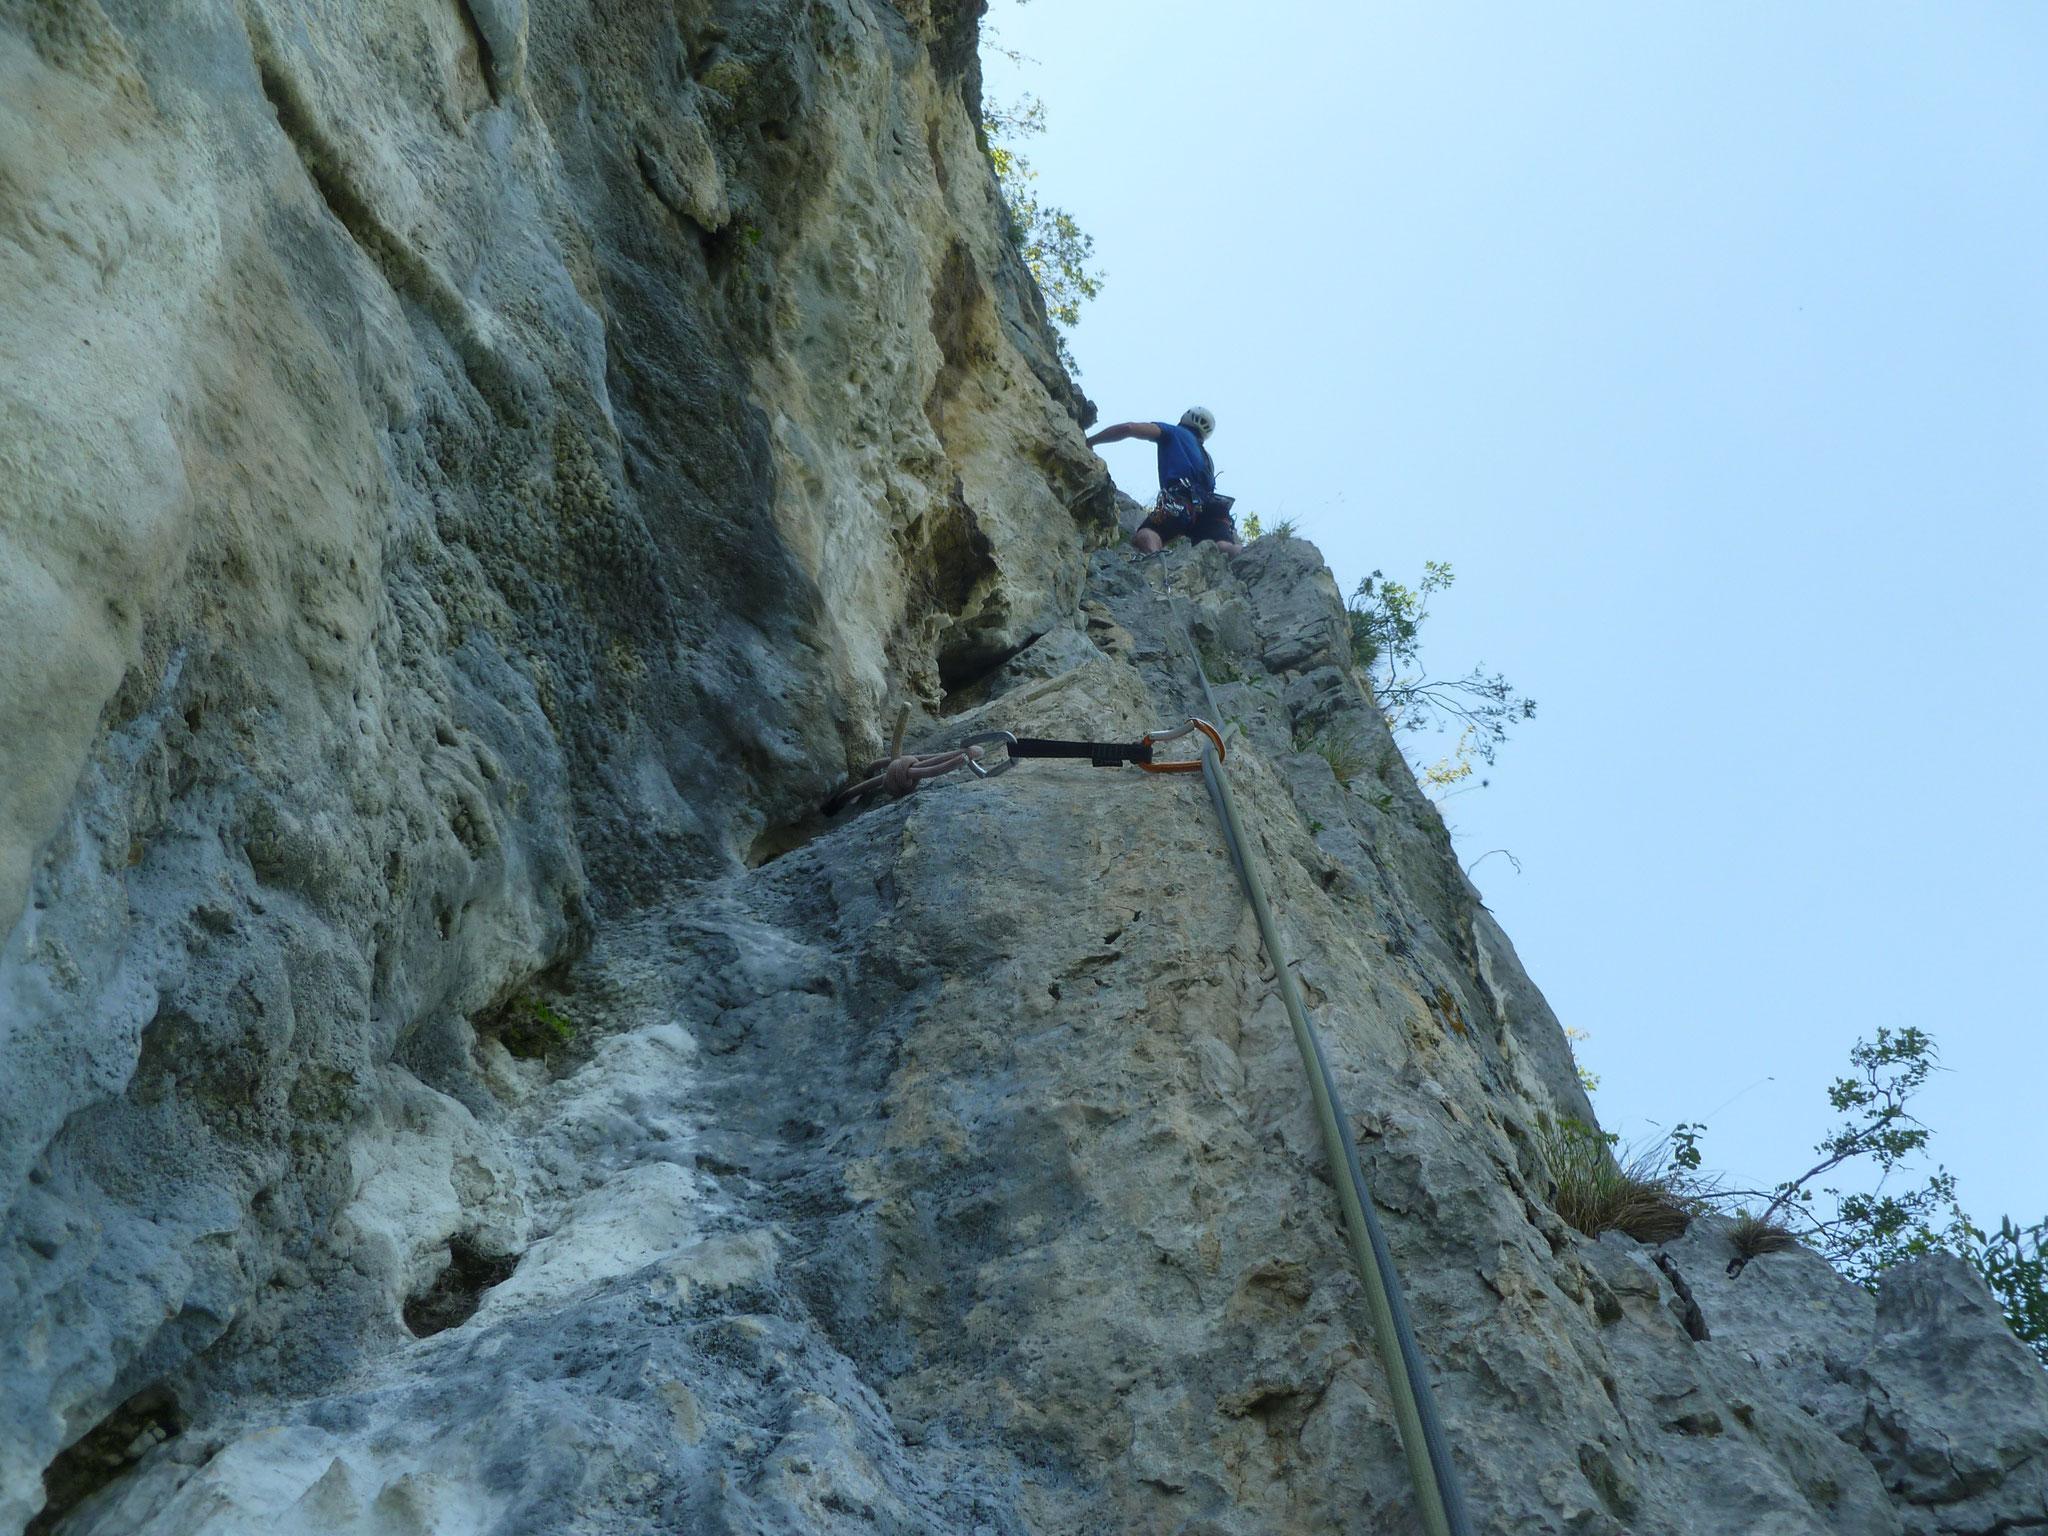 In der dritten Länge wird der Fels besser, leider ist die Wand dann auch bald zu Ende